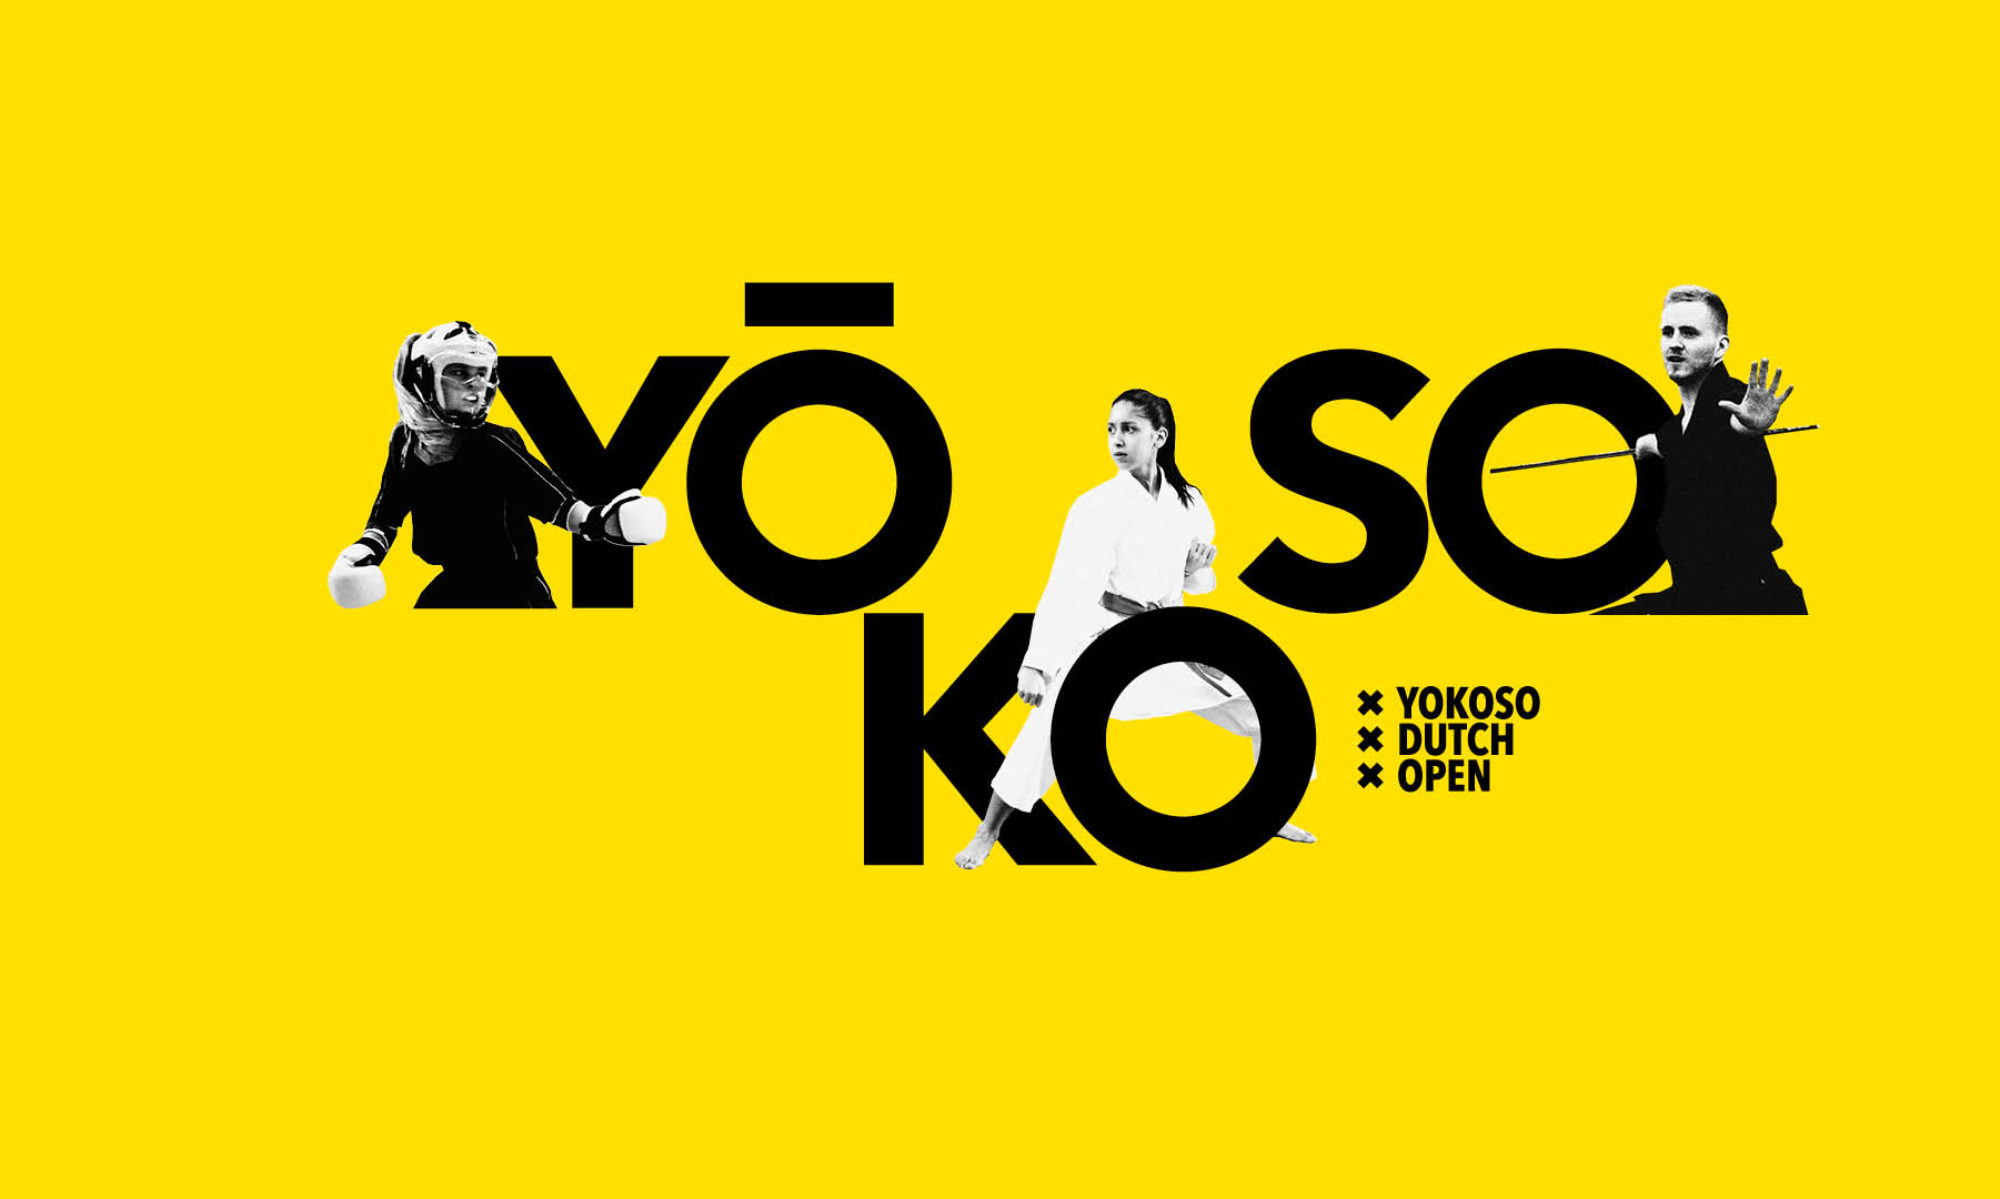 Yokoso Dutch Open